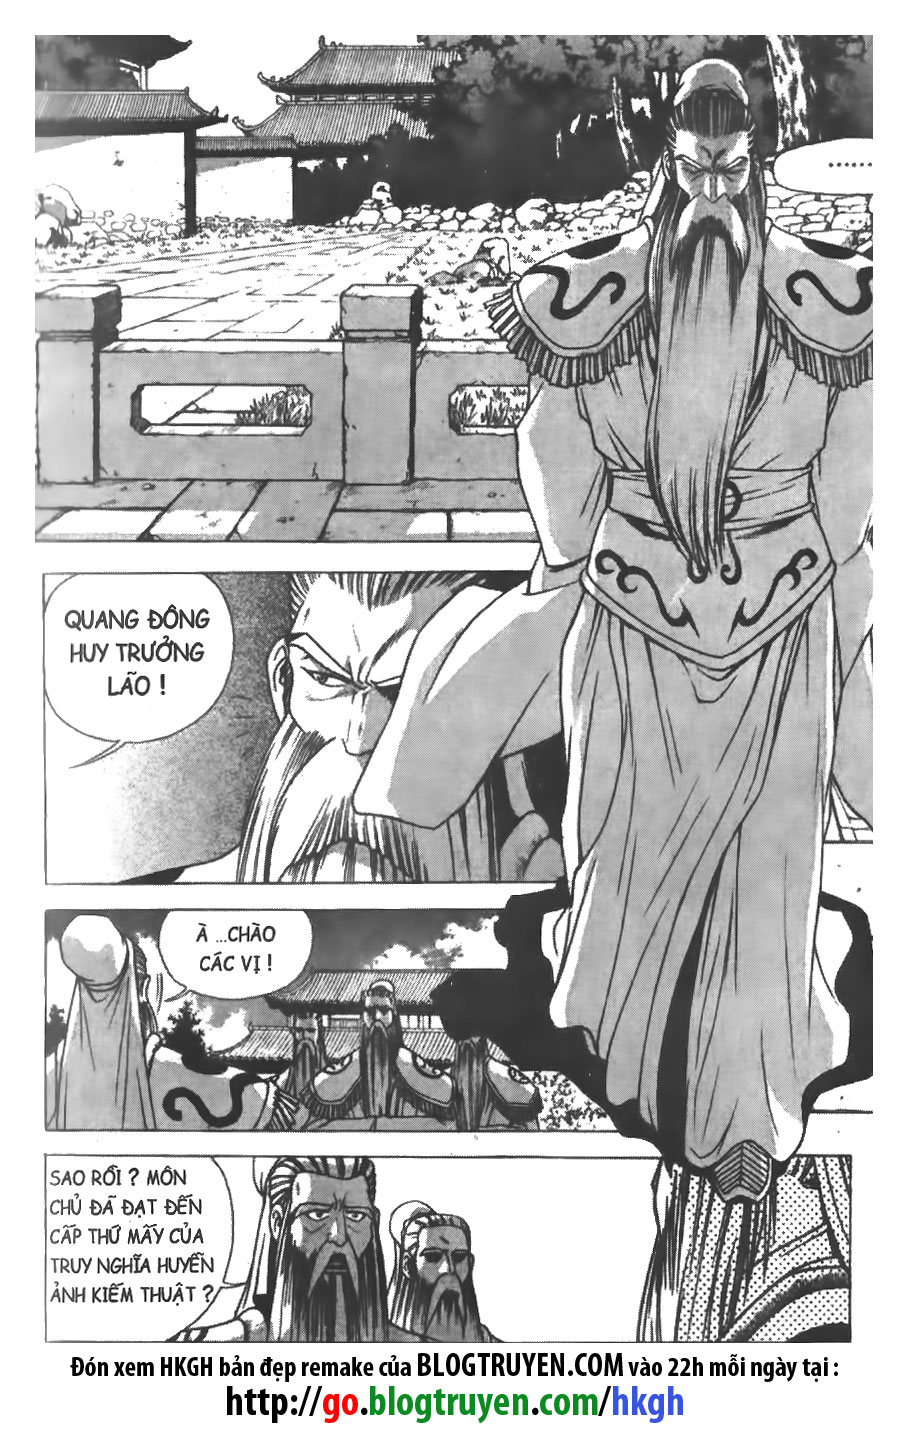 xem truyen moi - Hiệp Khách Giang Hồ Vol26 - Chap 177 - Remake